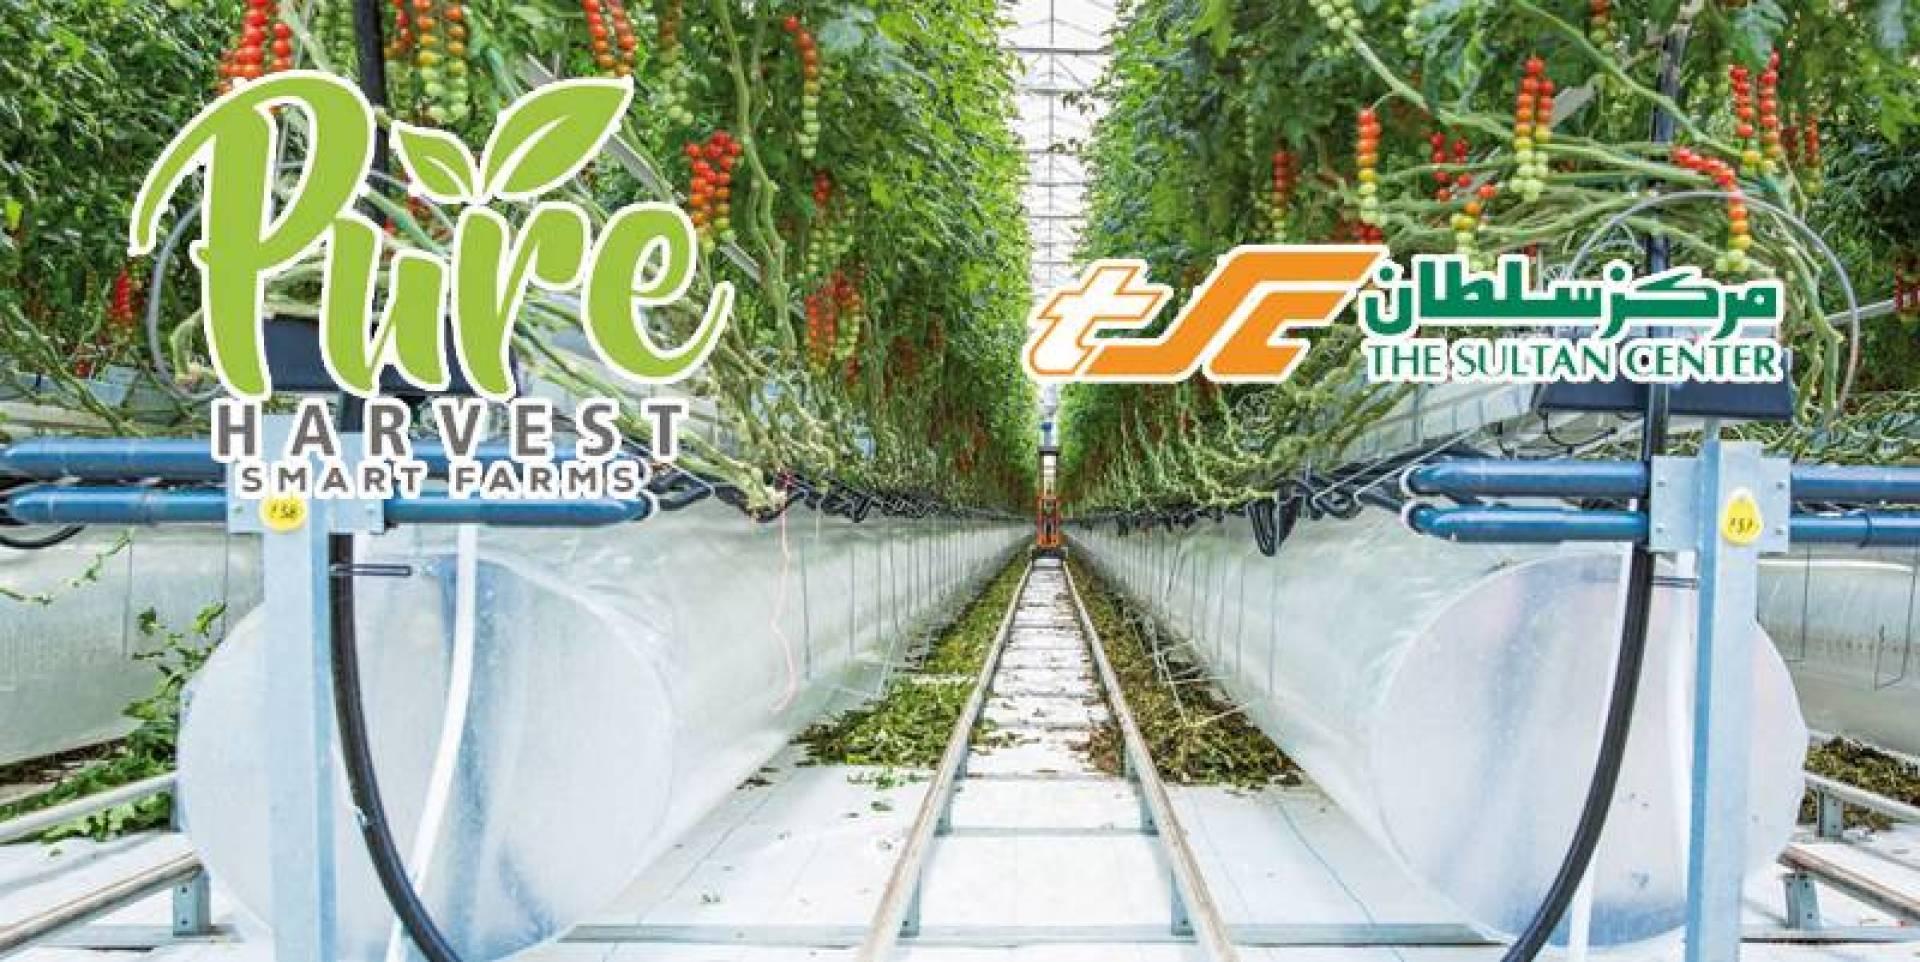 أول مزرعة ذكية في الكويت بـ 30 مليون يورو